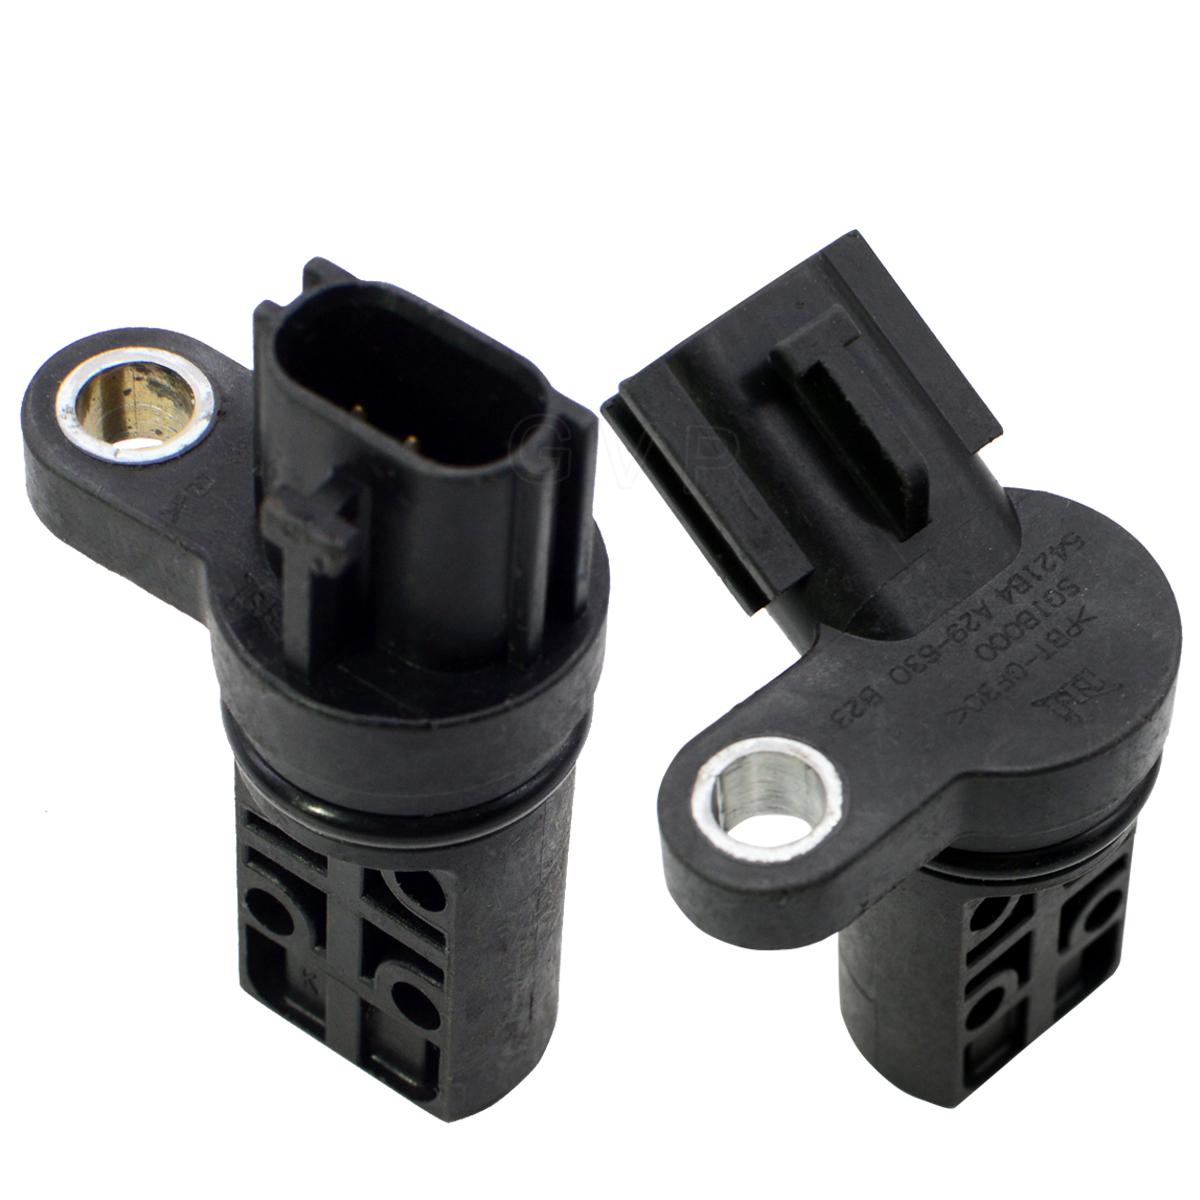 New For 2003-2008 Infiniti FX35 3.5L 2Pcs Cam//Crankshaft Position Sensors L /& R